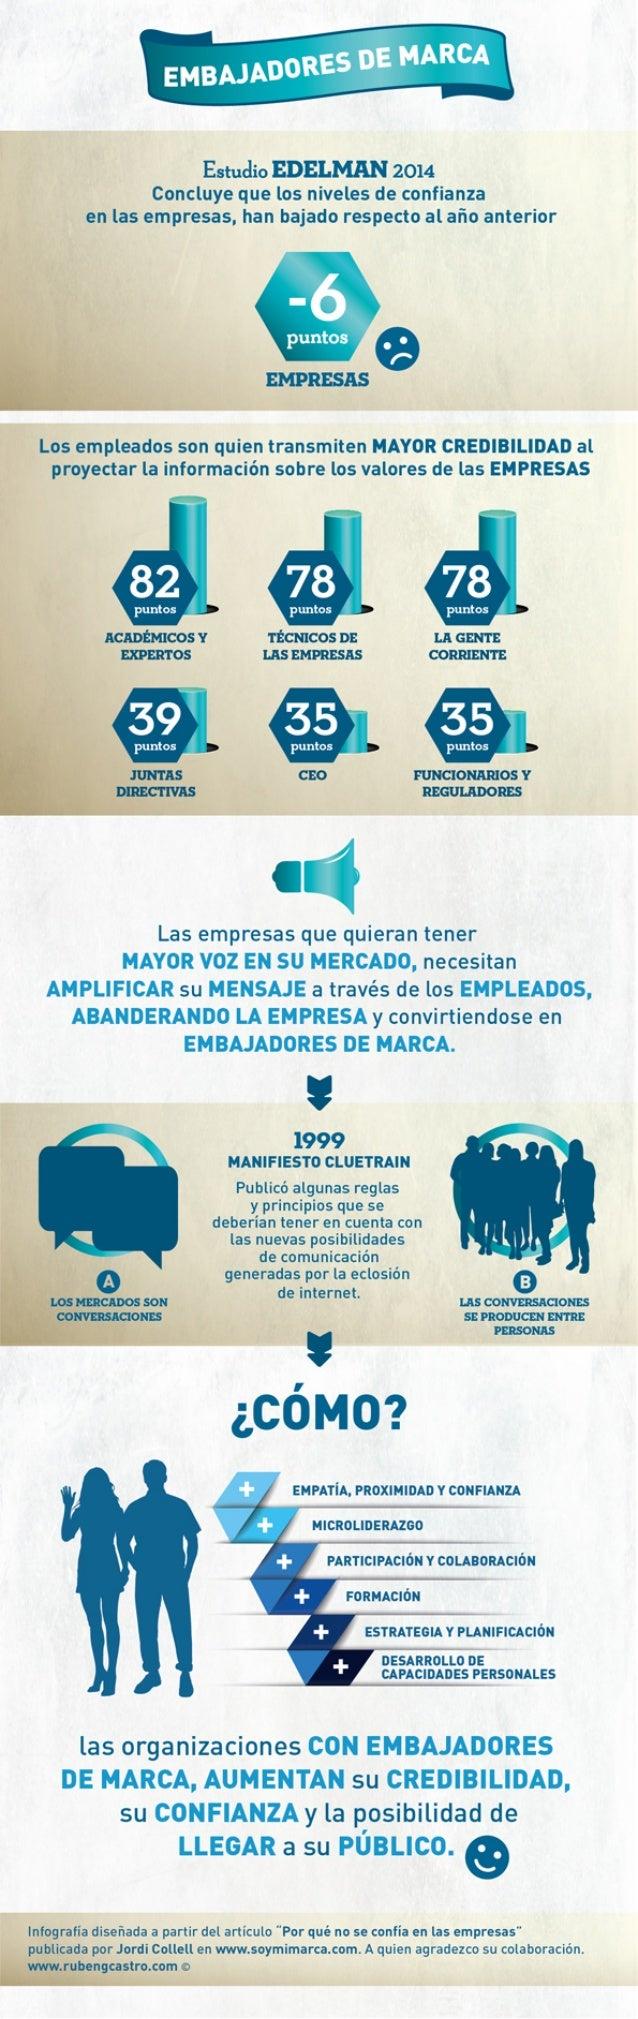 EmbajadoresDeMarca